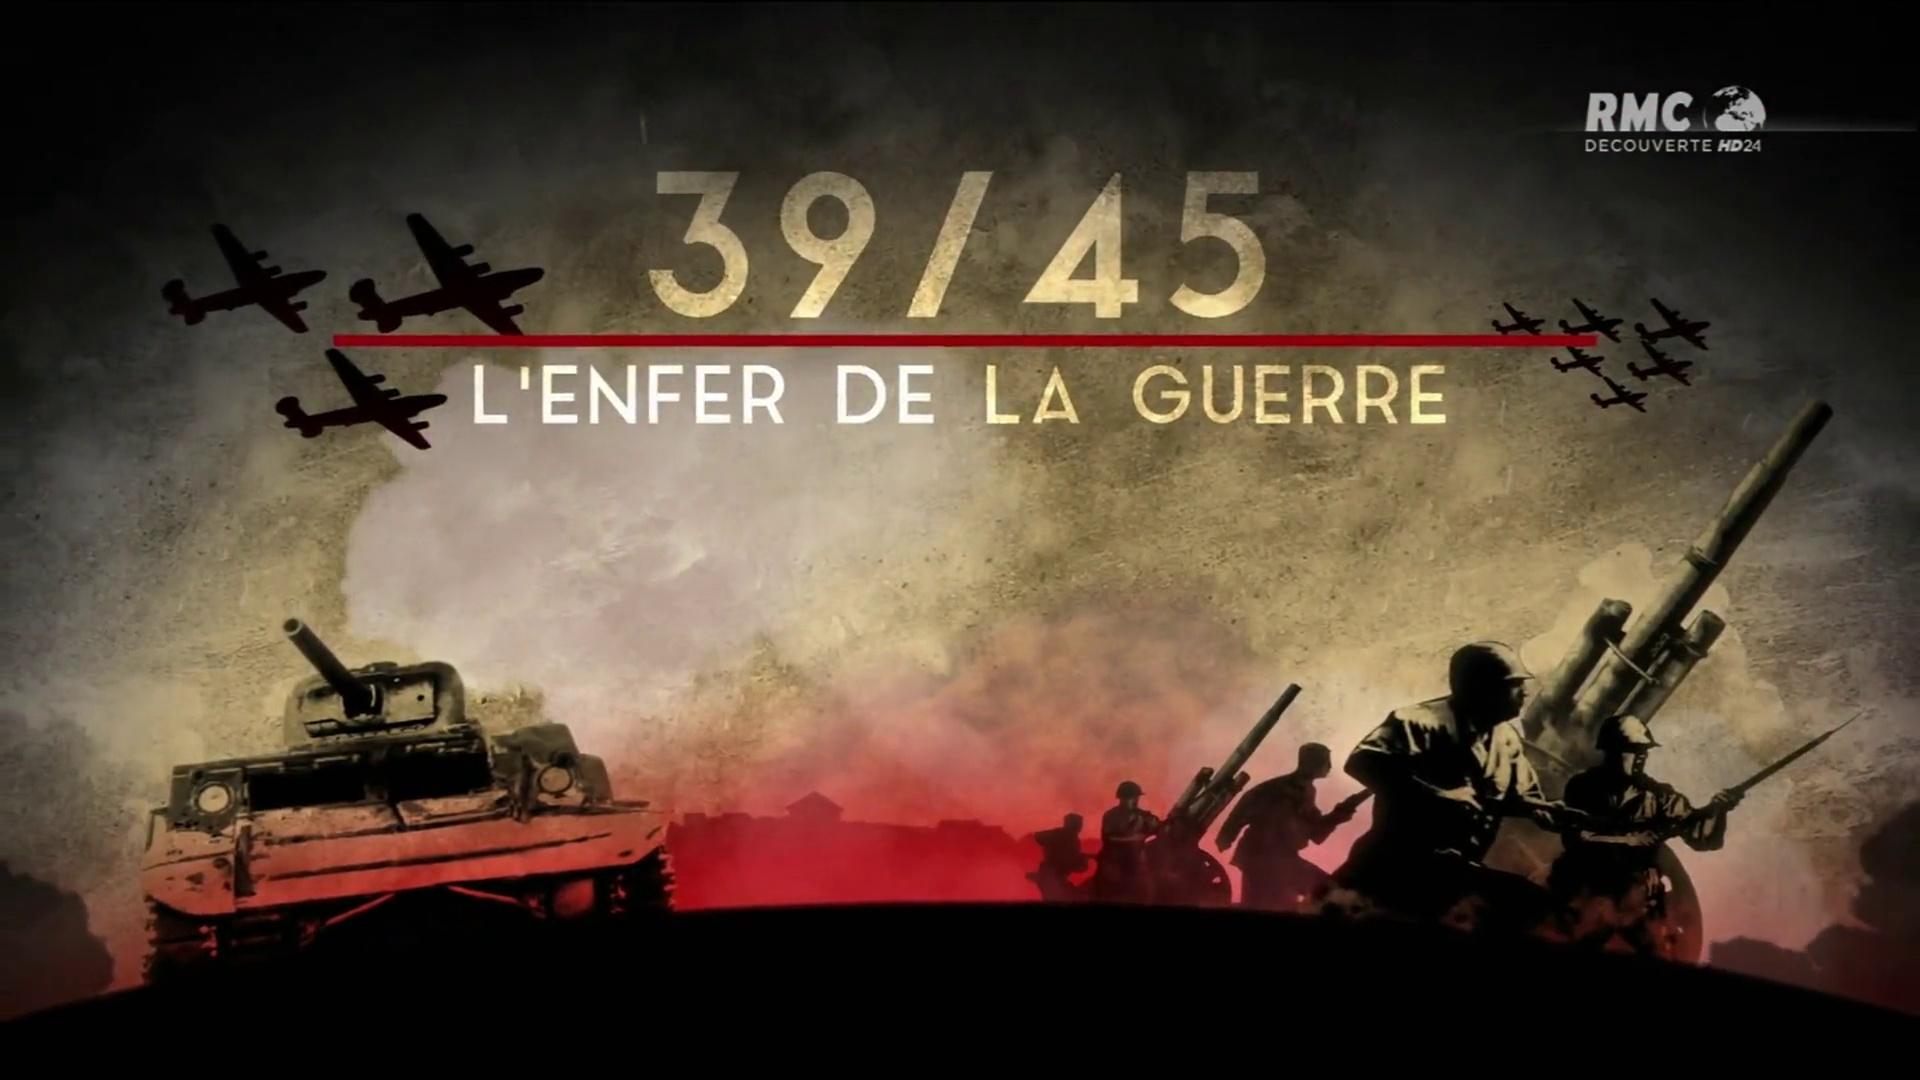 Documentaire 39-45 l'enfer de la guerre, les prémices d'une guerre mondiale